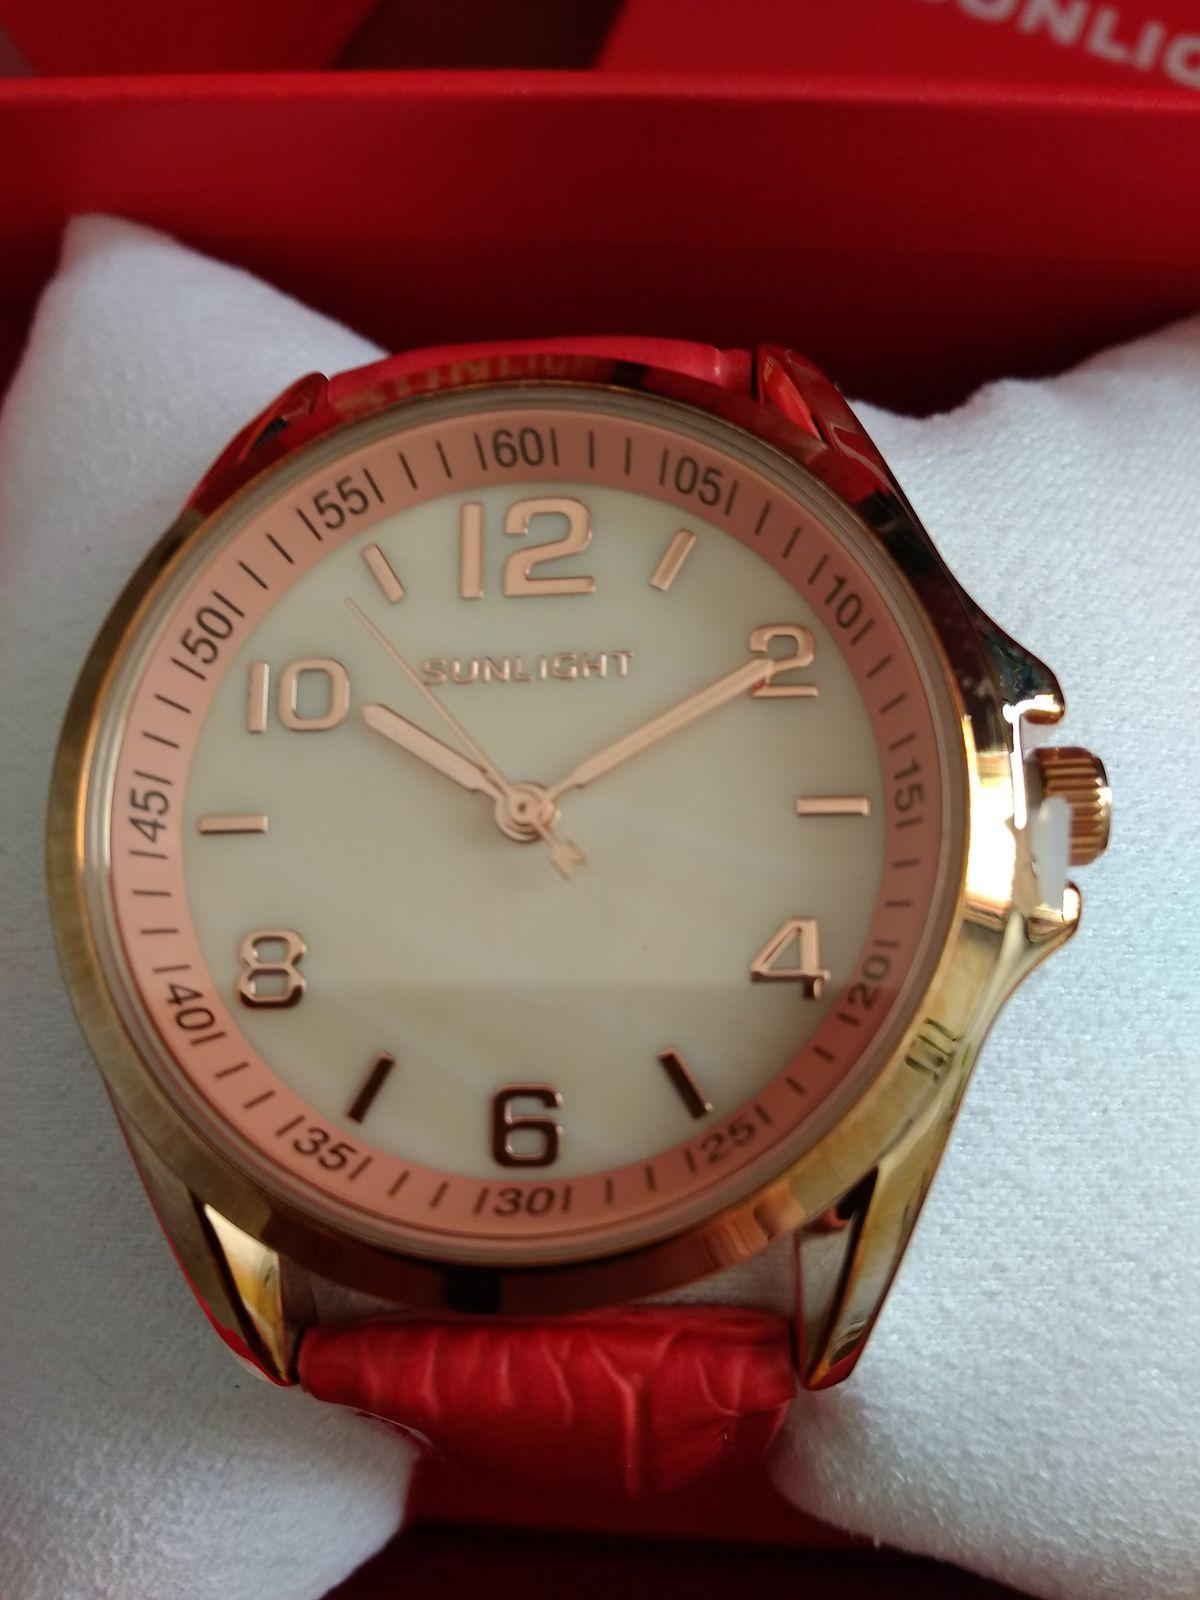 Купила часы подруге в подарок.